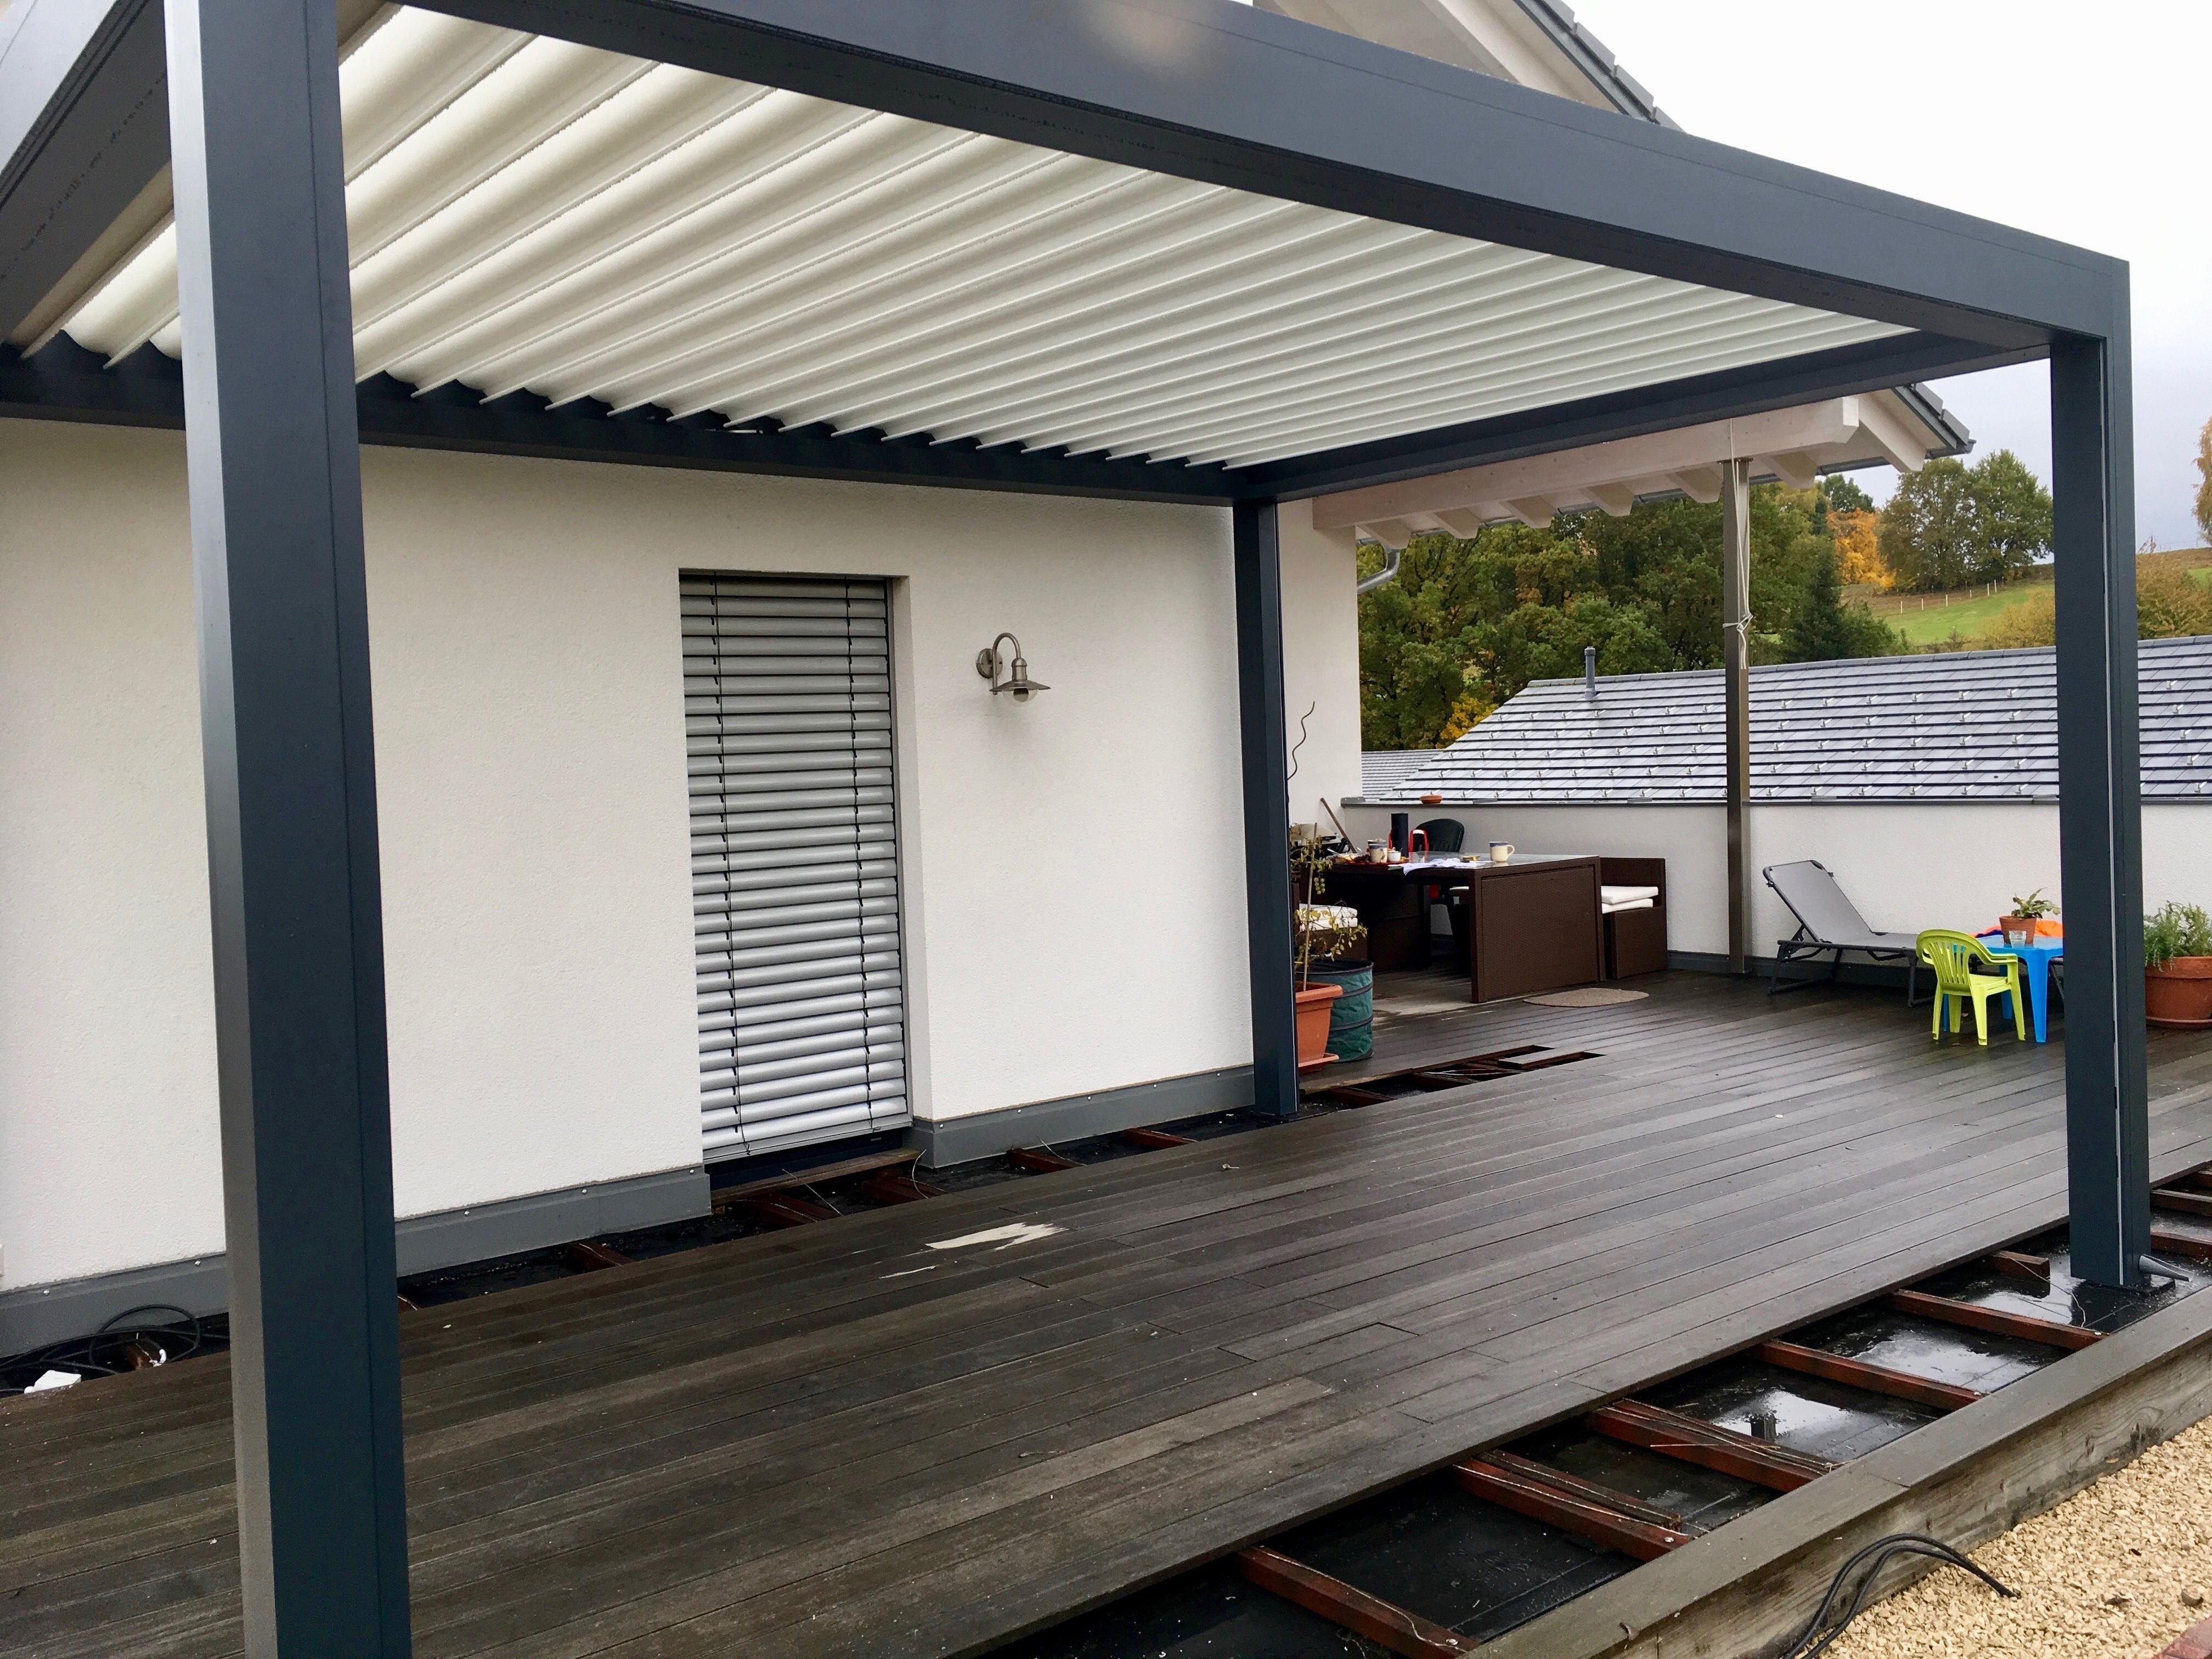 lamellendach einfach optimaler sonnen und wetterschutz mit der bioclimatischen pergola b200. Black Bedroom Furniture Sets. Home Design Ideas